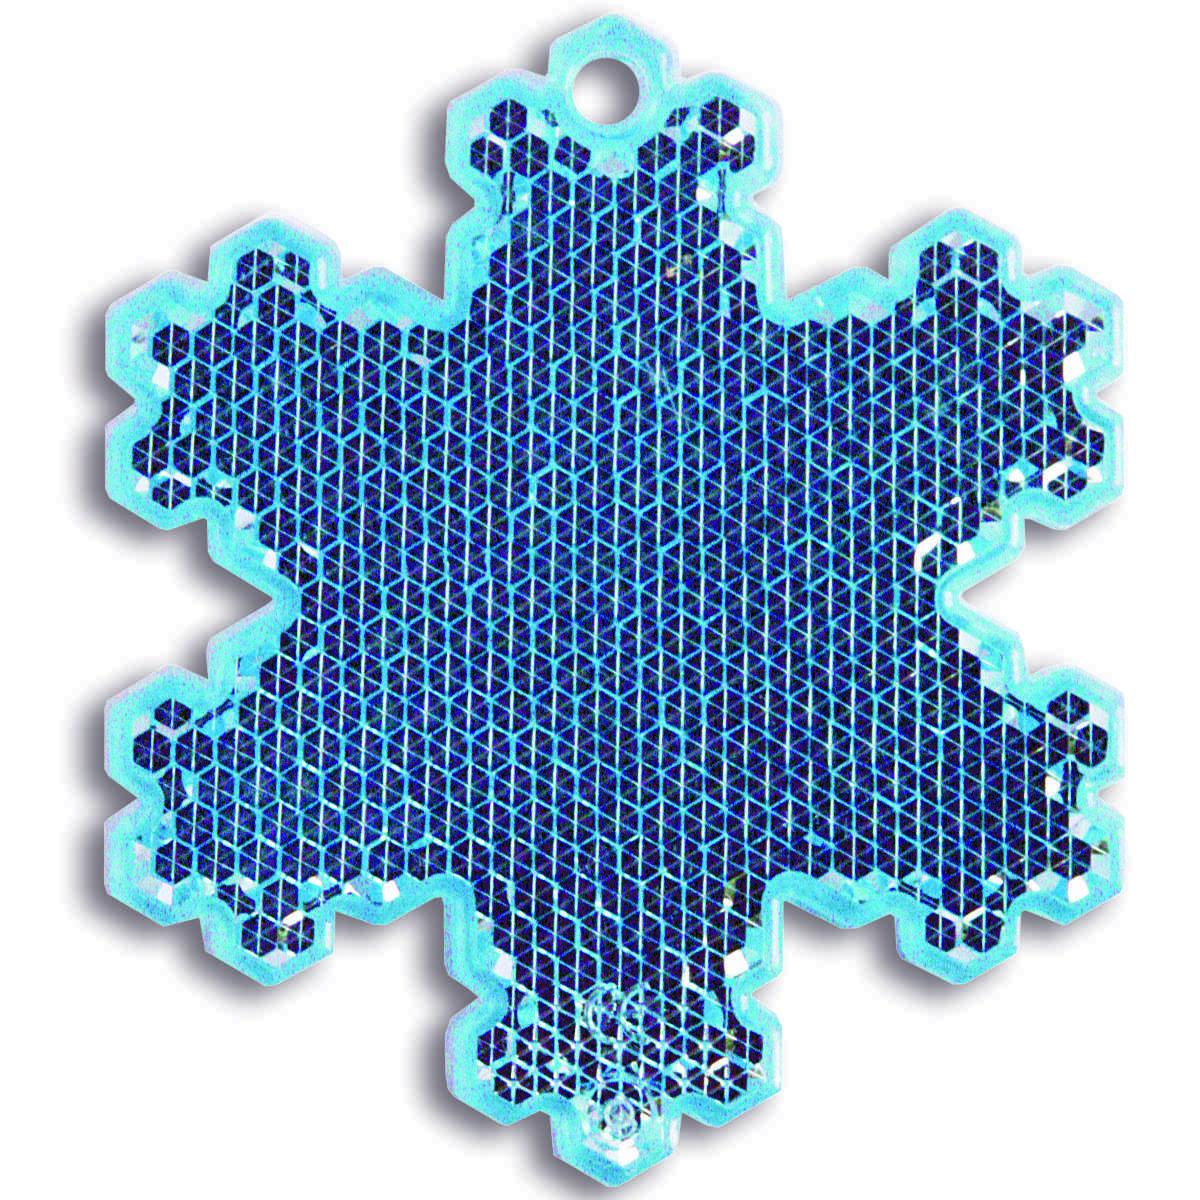 Мамасвет Светоотражатель пешеходный Снежинка цвет голубой51007.30Светоотражатель пешеходный Мамасвет Снежинка выполнен из высококачественного материала в виде подвески.Светоотражатель должен свободно раскачиваться и быть видимым со всех сторон. В комплект со светоотражателем входит специальное крепление - шариковая цепочка. В темное время суток движущийся пешеход становится виден в свете автомобильных фар только на расстоянии 30 метров - у водителя остается всего лишь 1,3 секунды на то, чтобы среагировать. Пешеход же со светоотражателем заметен уже на расстоянии 150-400 метров, и у водителя есть целых 7 секунд, чтобы объехать его и избежать ДТП.Специалисты считают, что в темноте риск для пешехода стать жертвой ДТП или спровоцировать аварию возрастает в два раза, а у пешехода без светоотражателя он почти в десять раз выше, чем у того, кто использует это полезное изобретение.